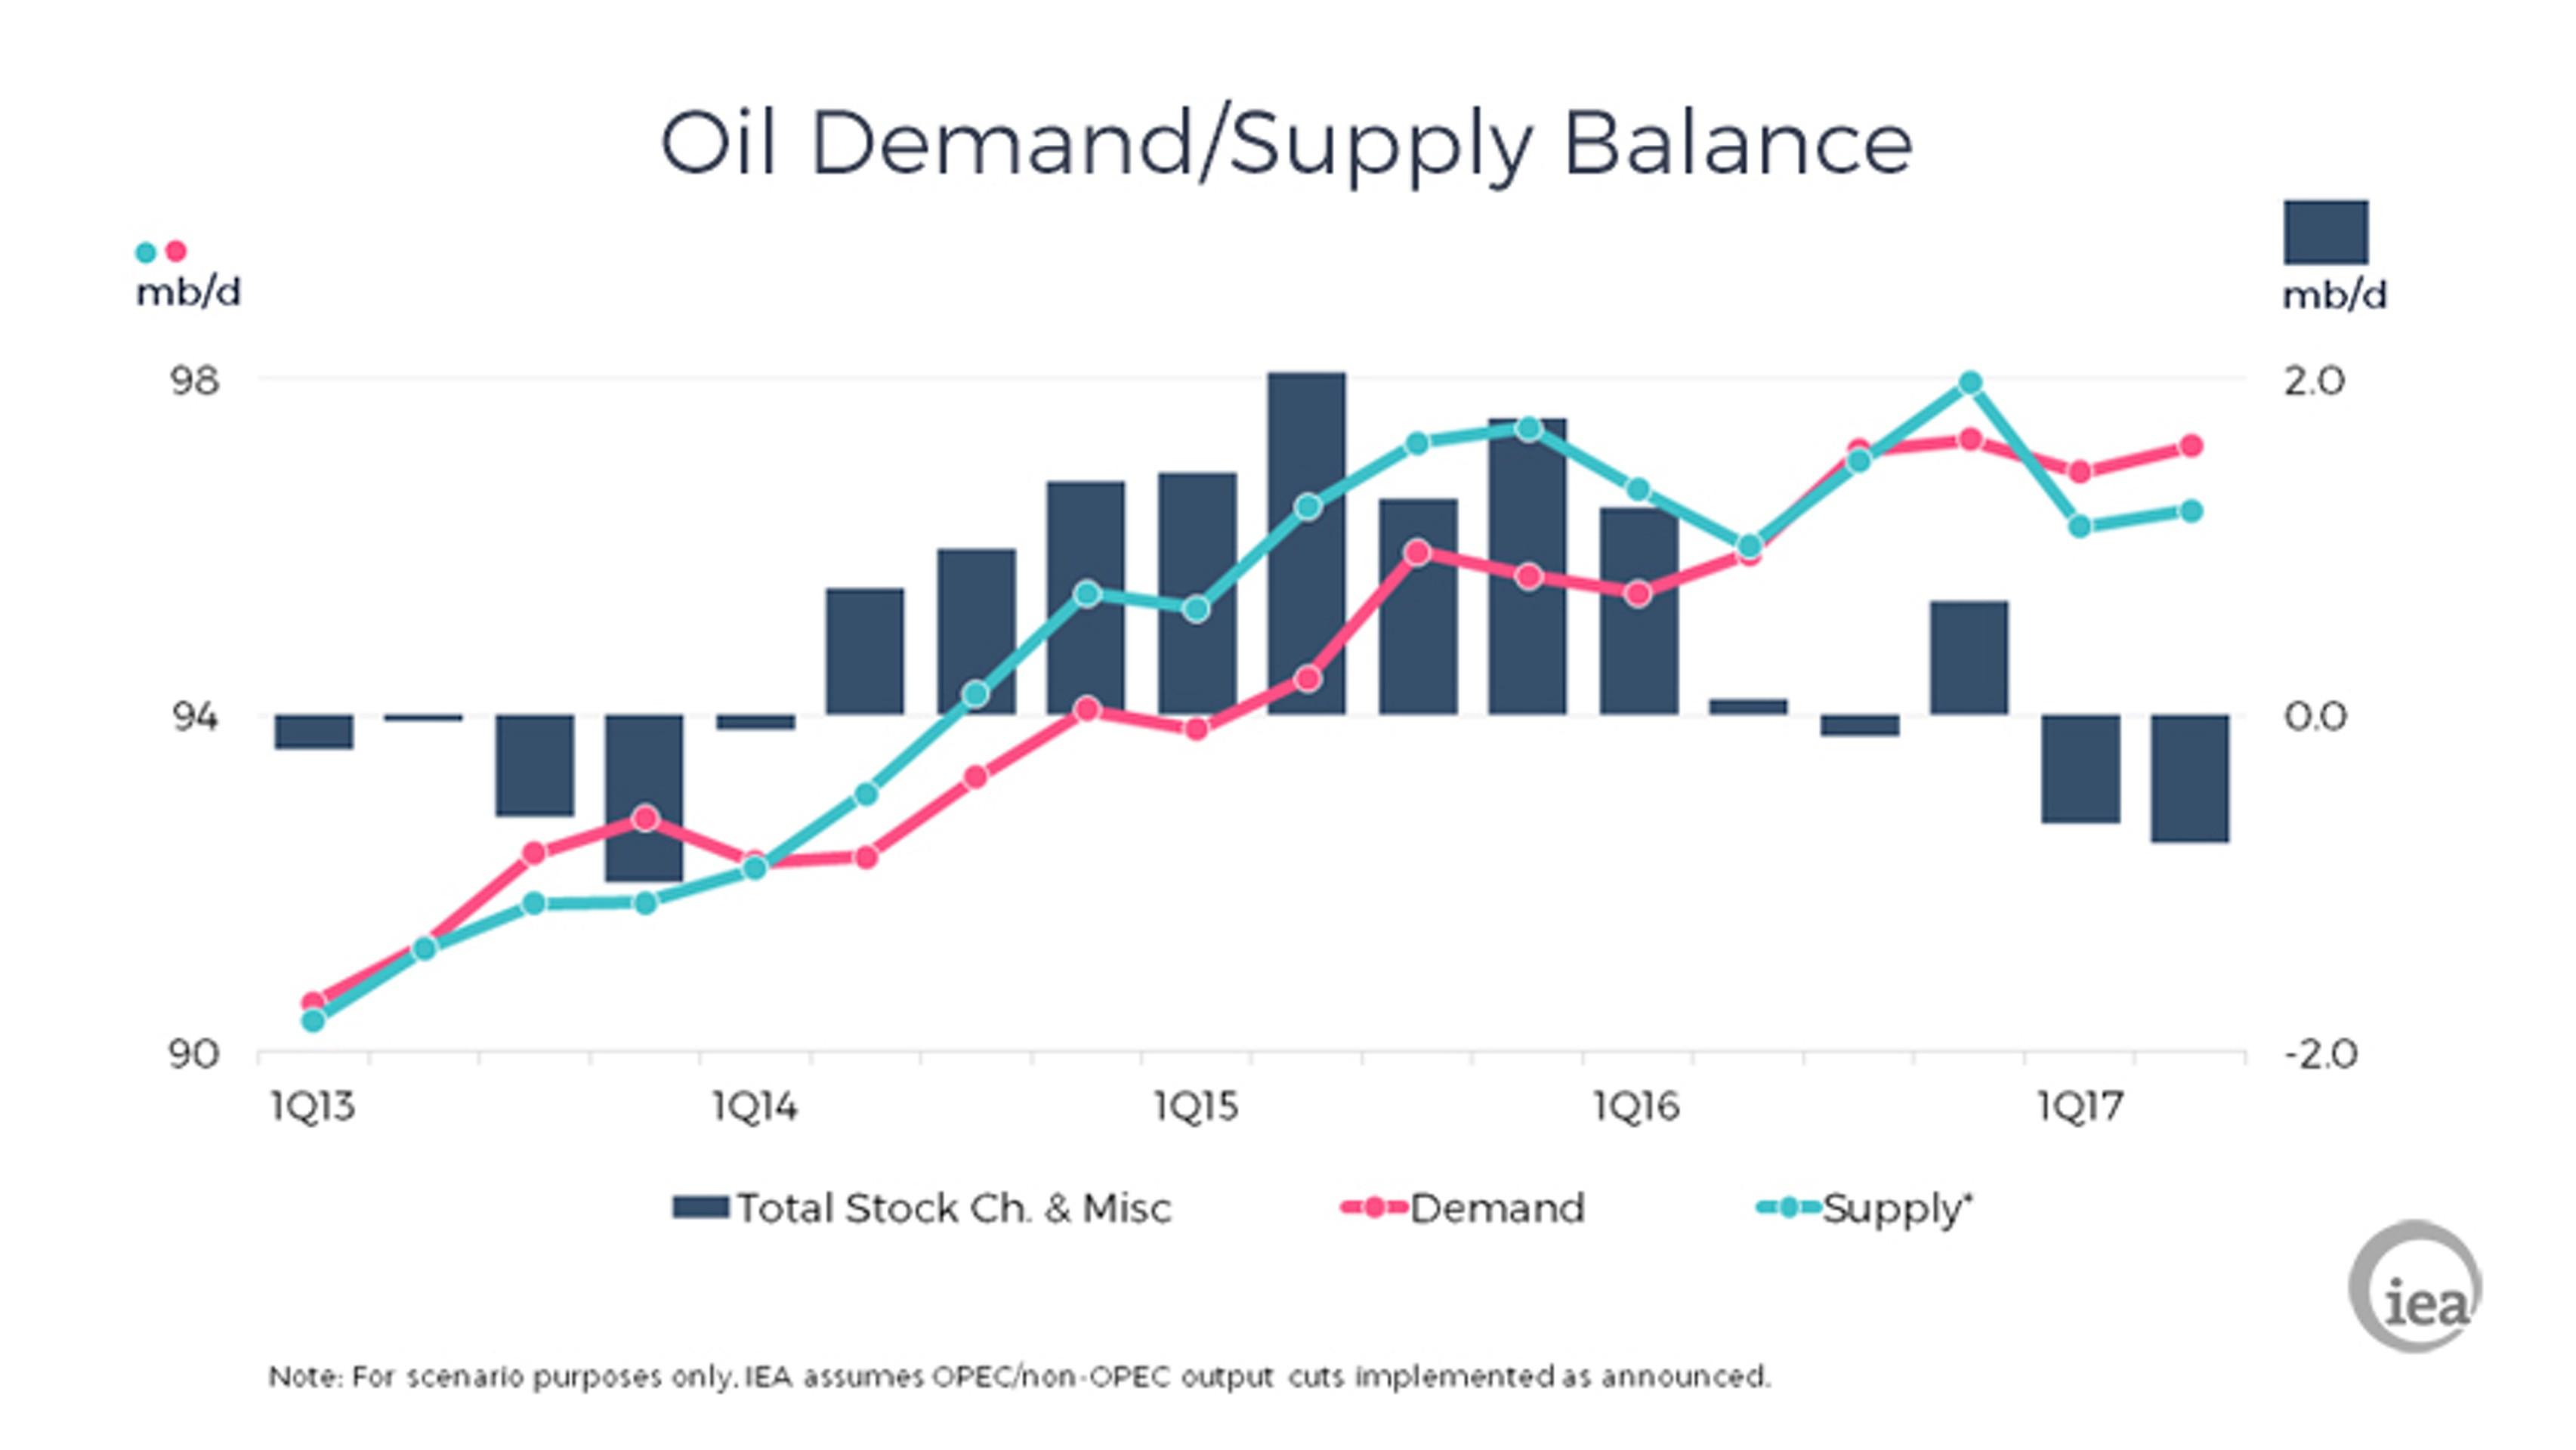 МЭА: рынок нефти приближается к равновесию